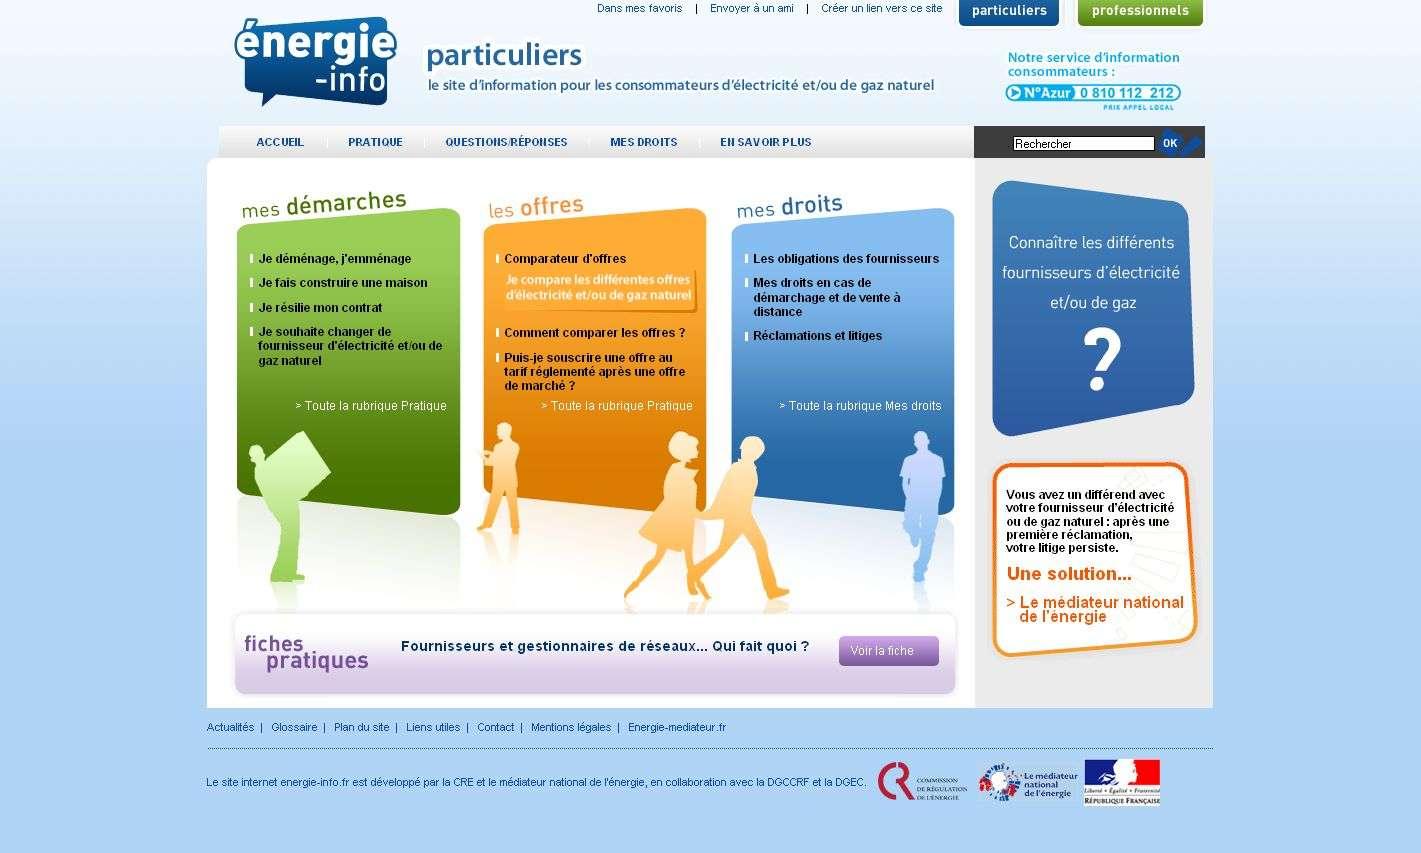 Page d'accueil du site Energie-info.fr - DR